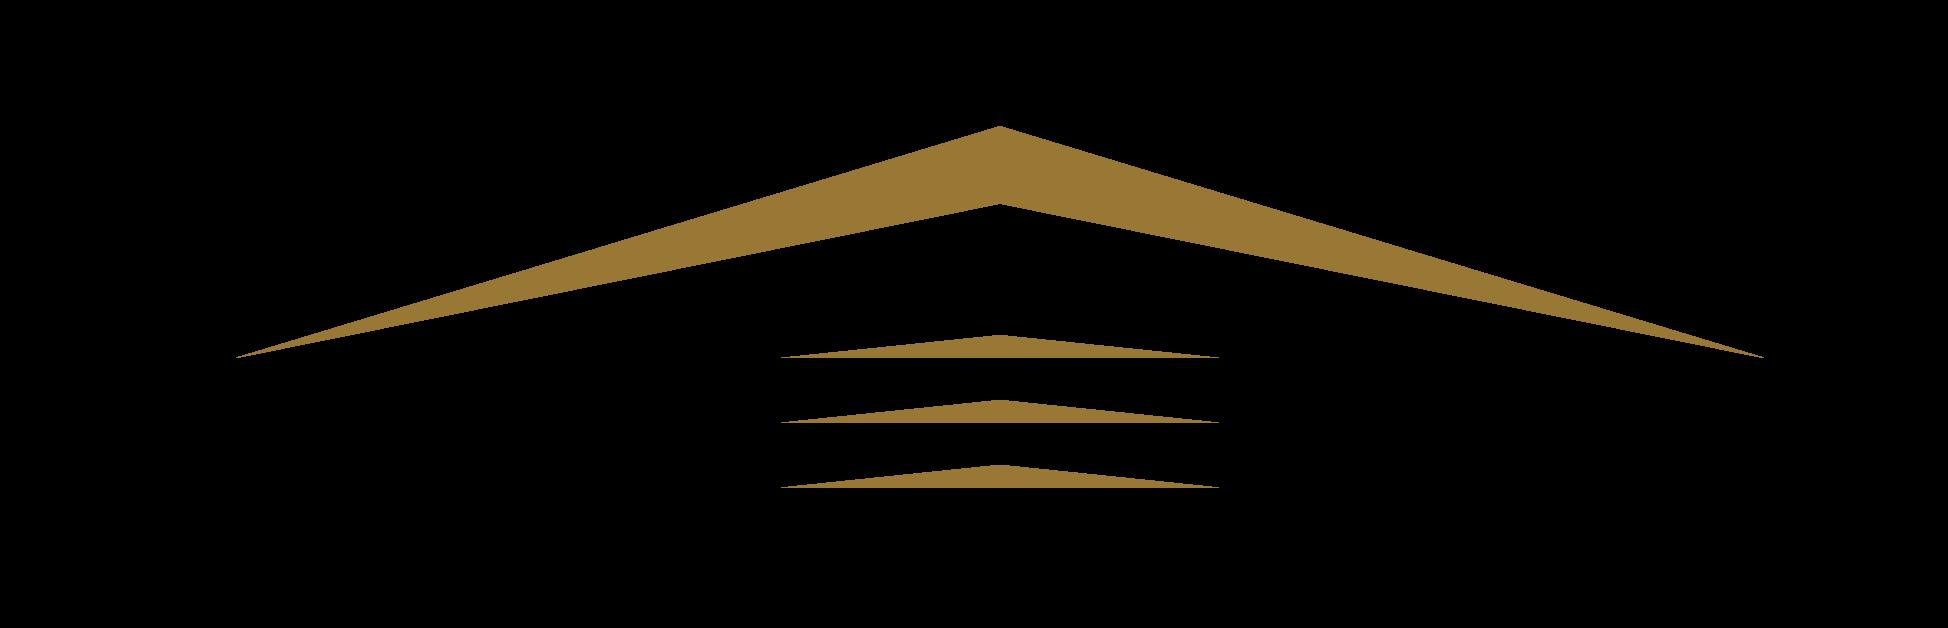 logo_4.1_casa_sin_fondo_-_copia.png